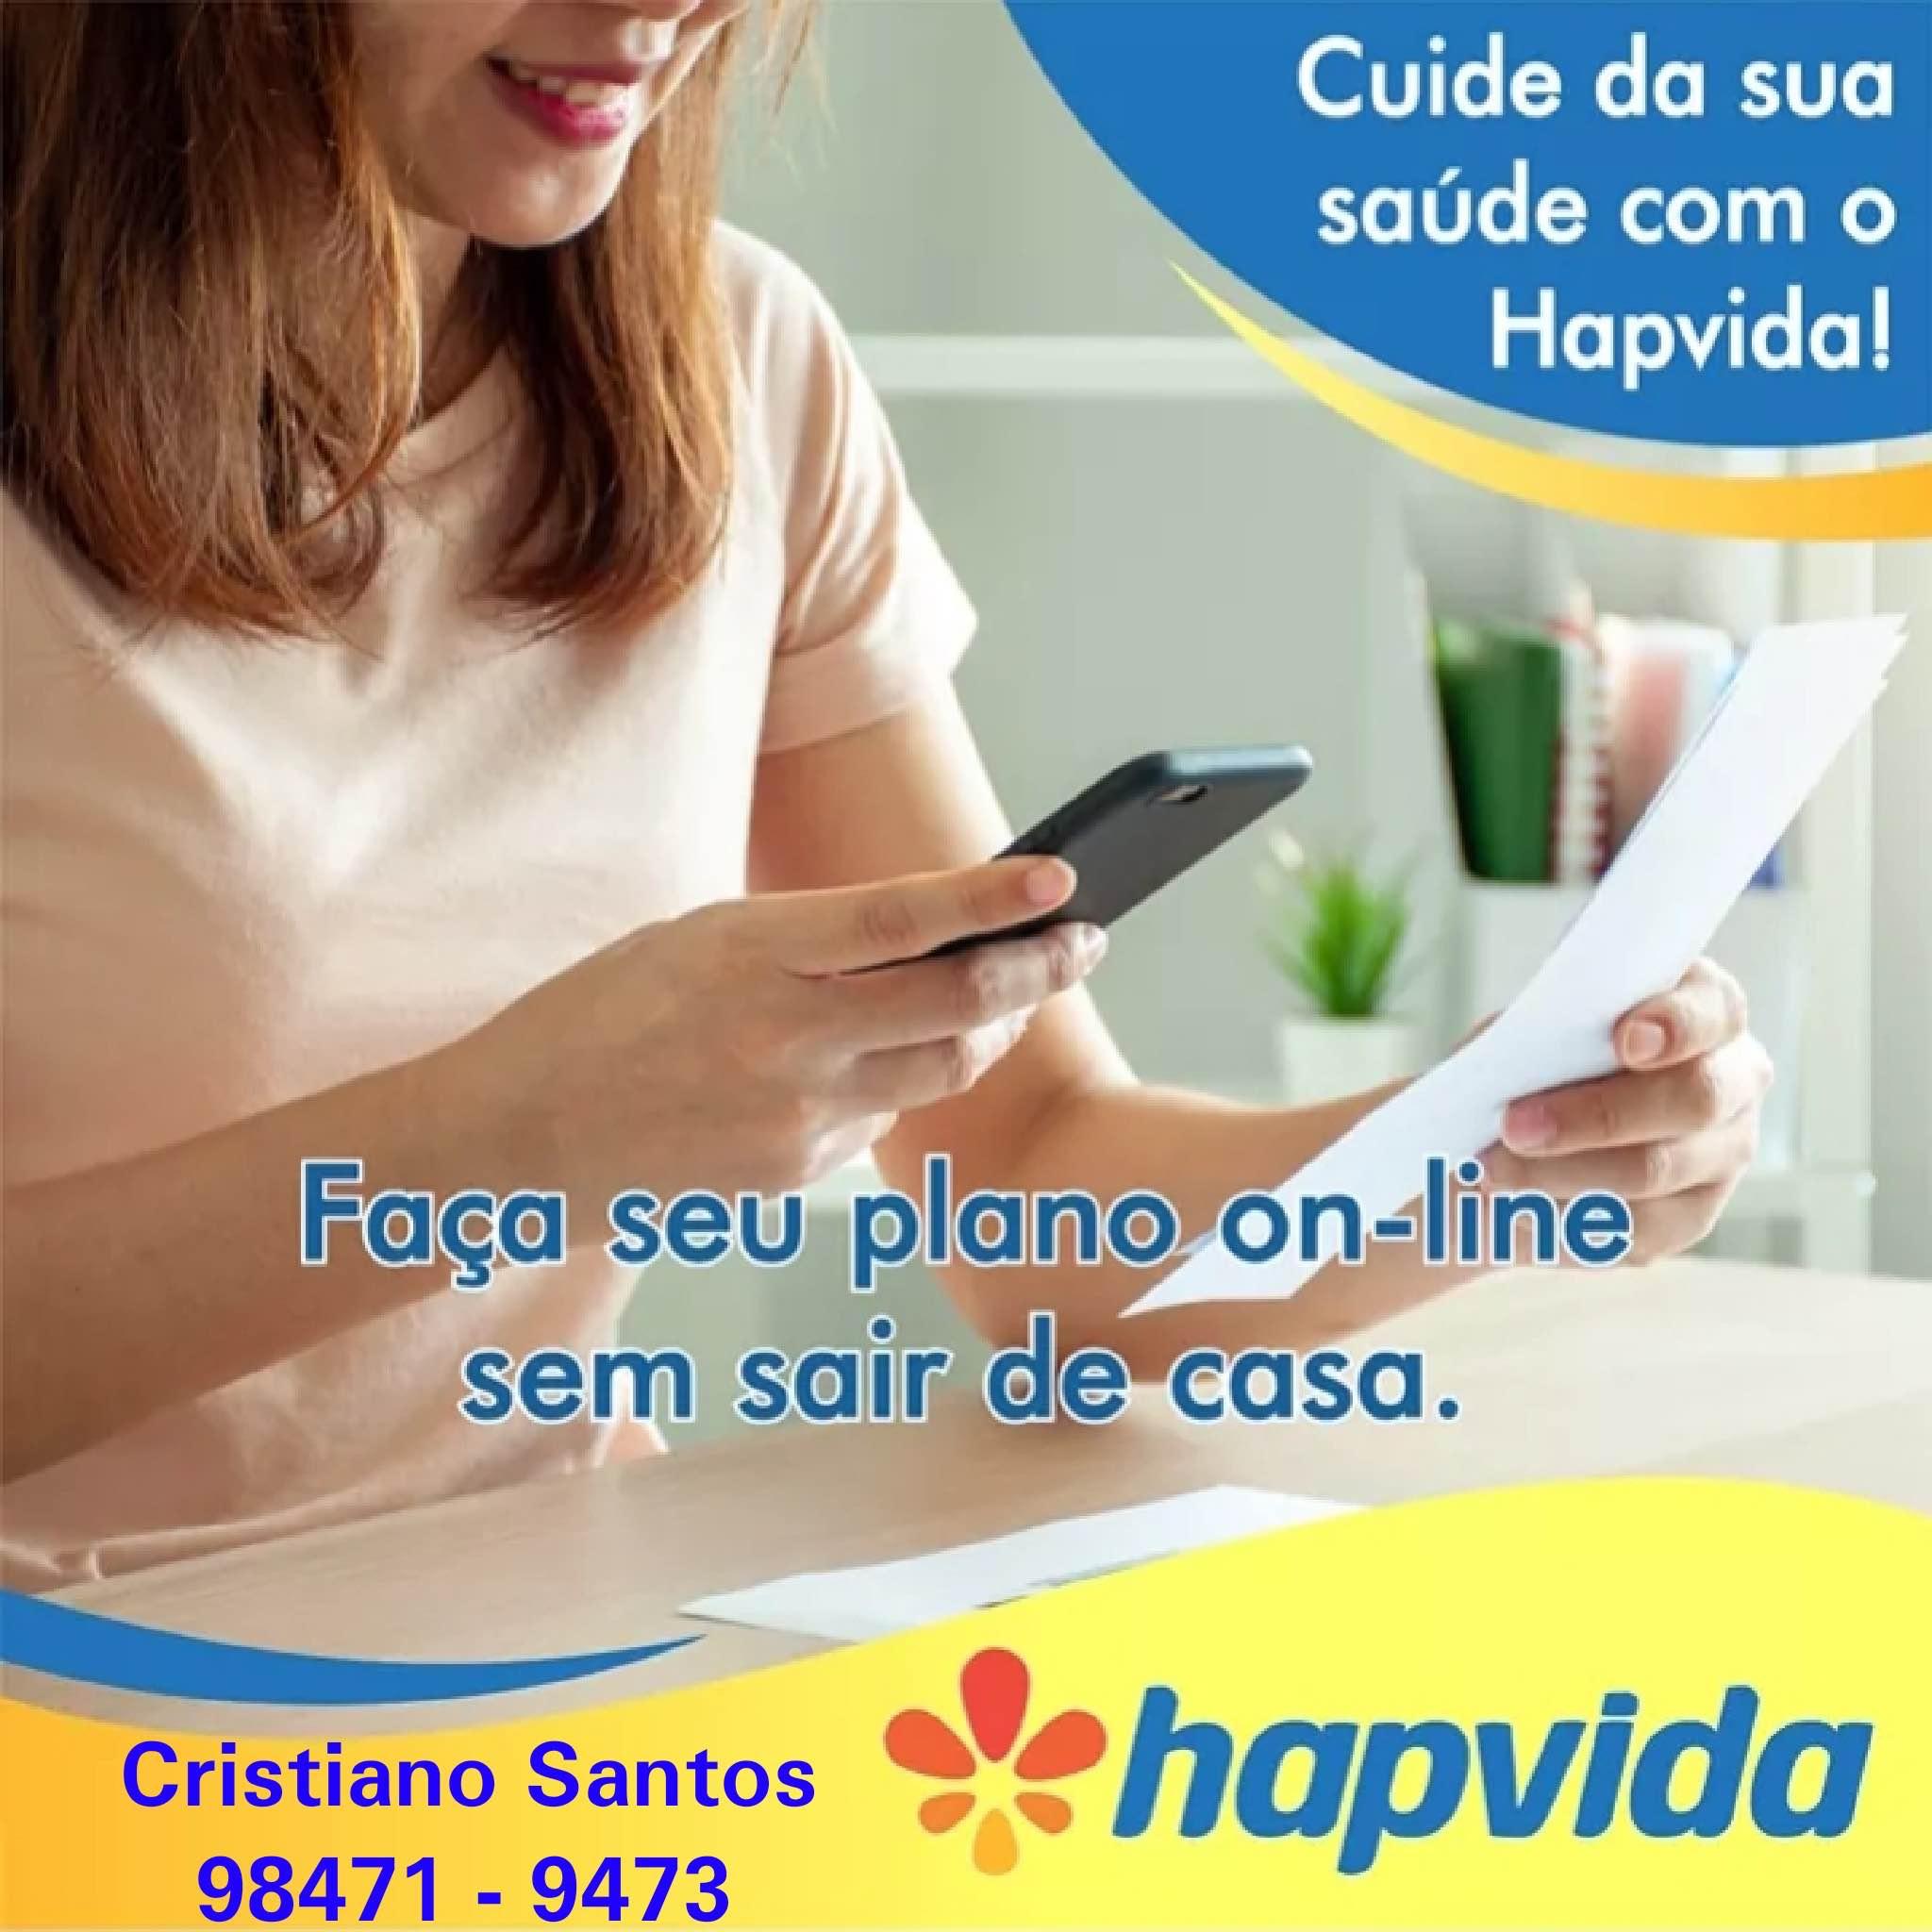 Cristiano Santos consultor de saúde